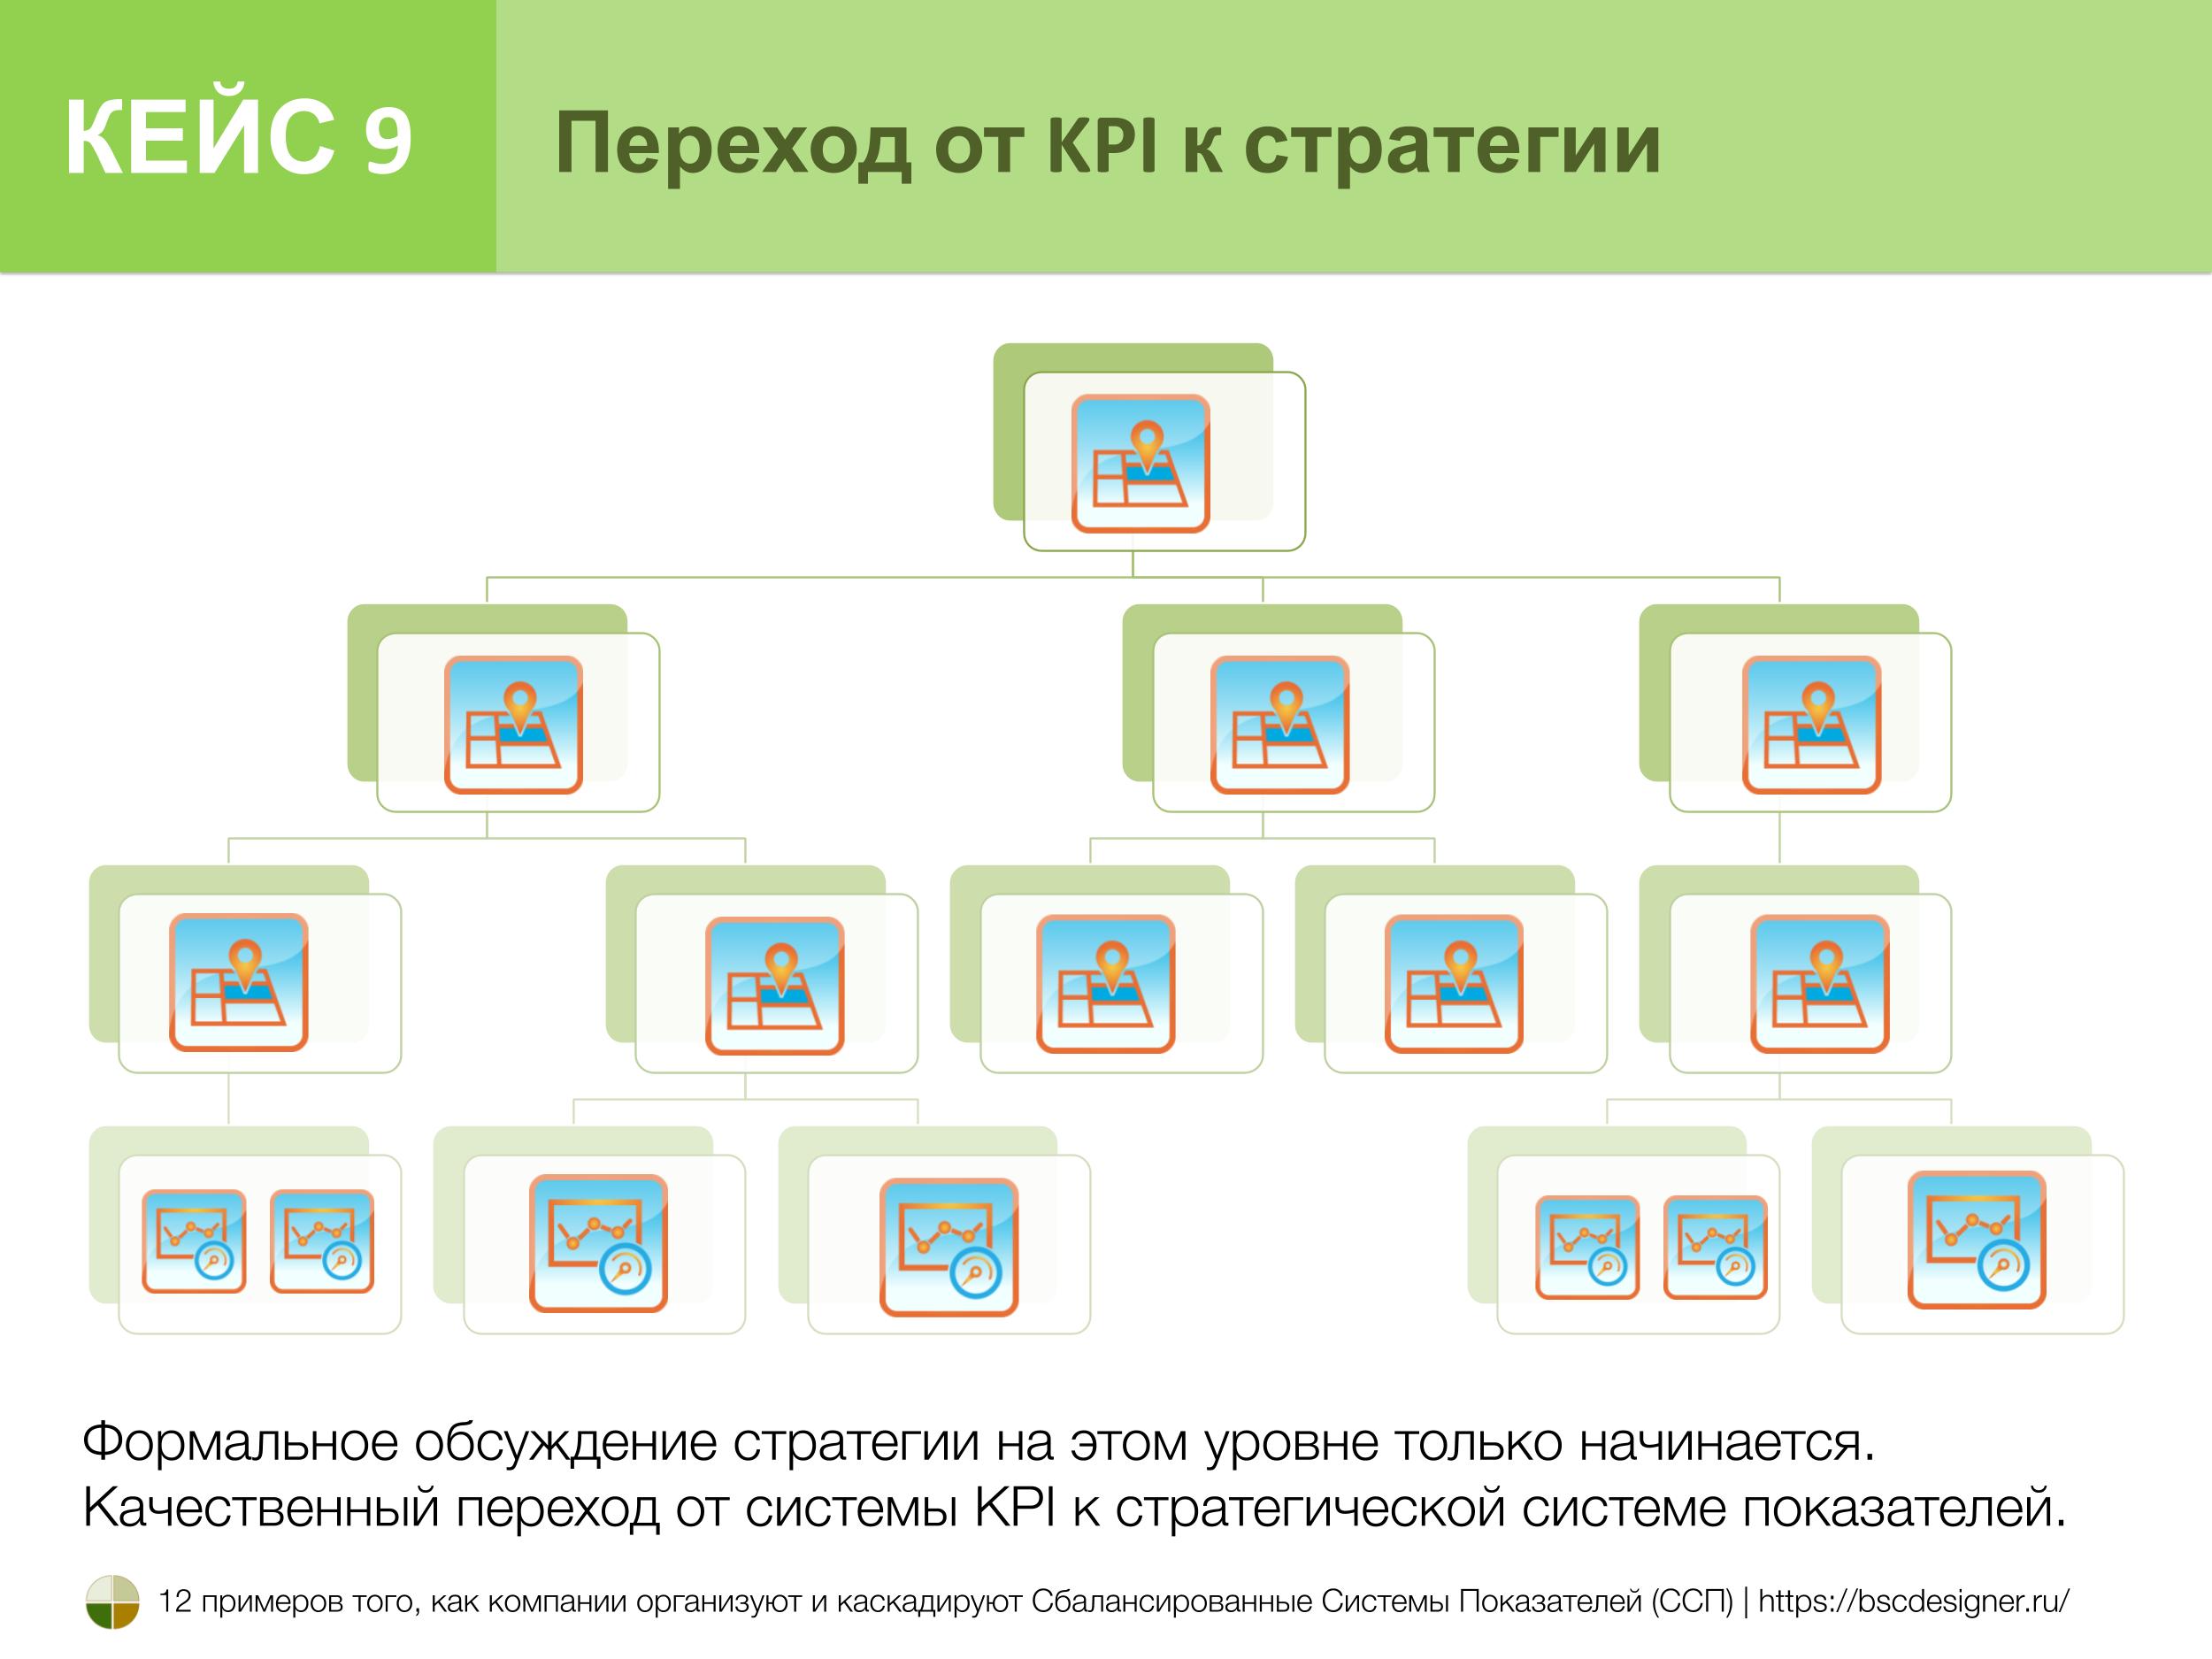 Кейс 9. Переход от KPI к стратегии